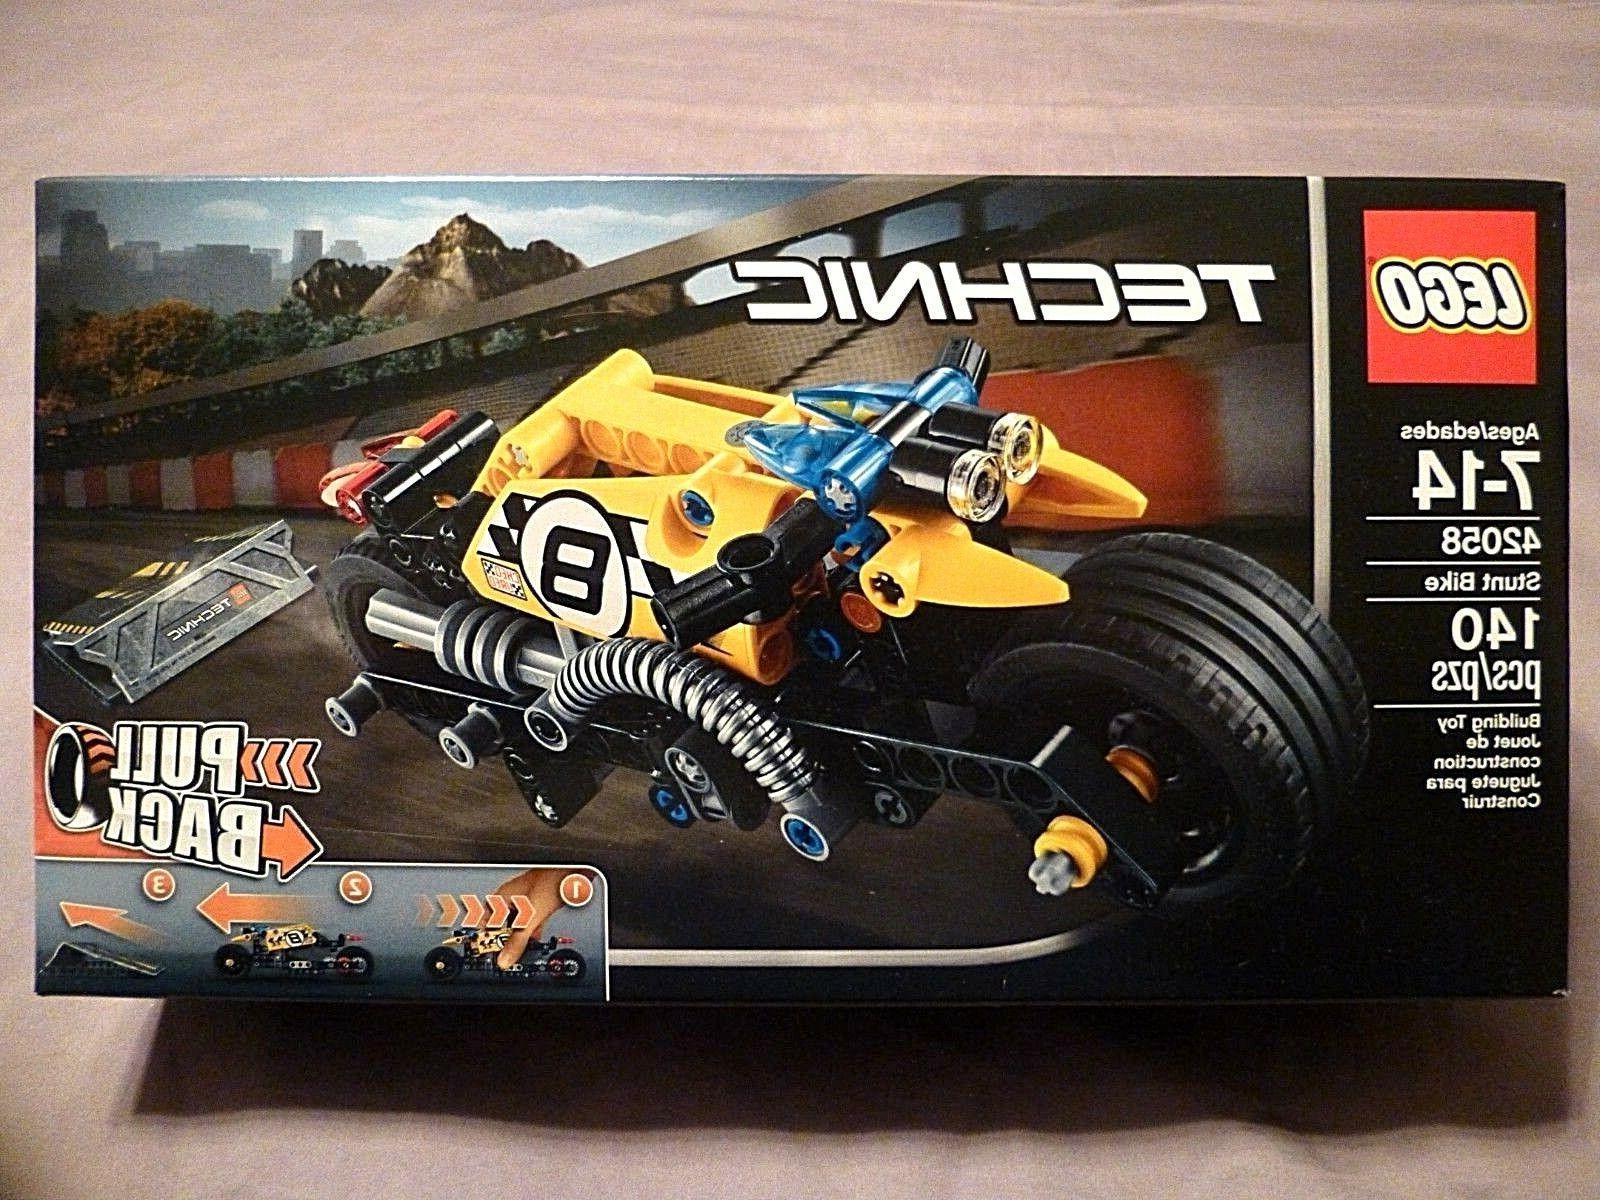 LEGO Technic Stunt Bike Model Racing Motorcycle Vehicle Buil